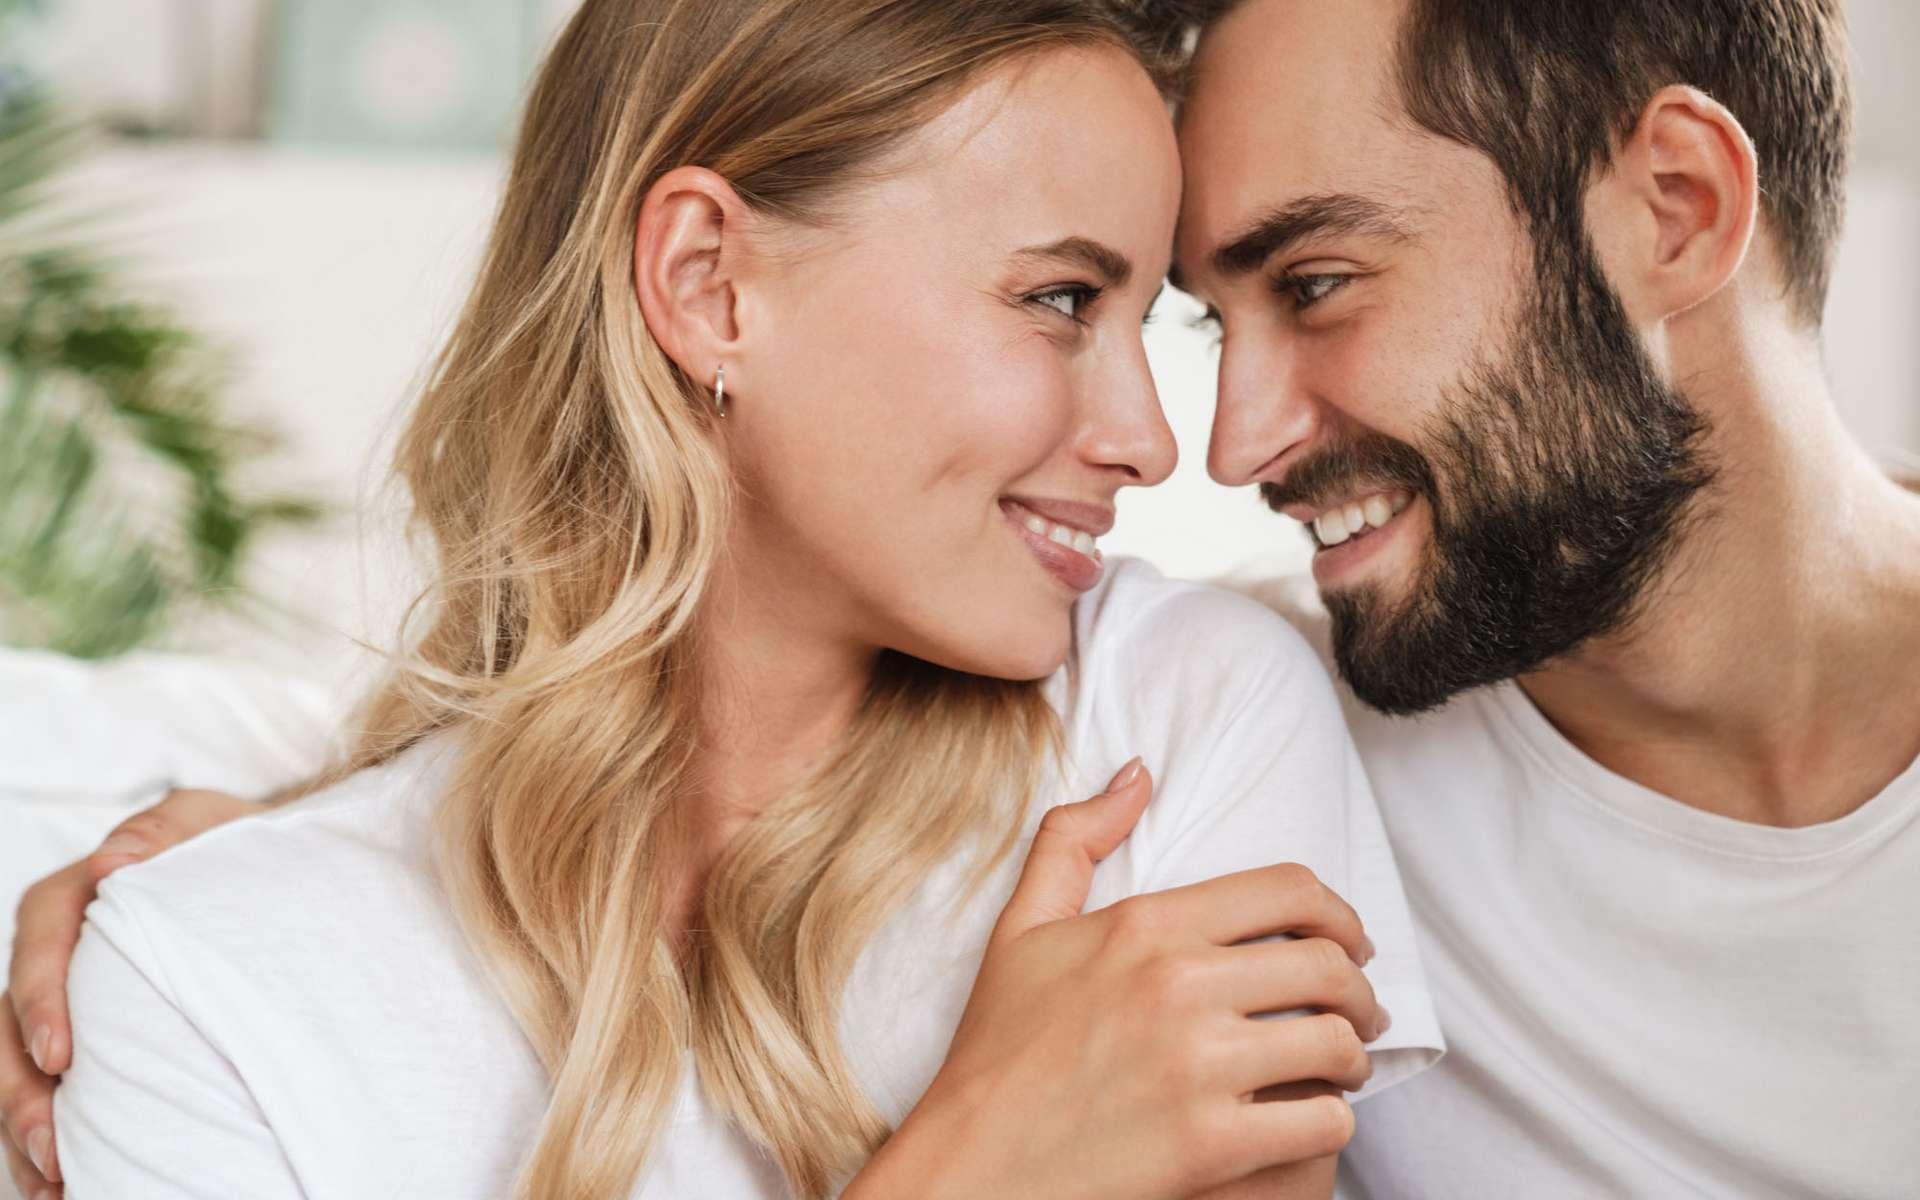 Si l'un des partenaires est atteint du coronavirus, oubliez un temps les rapports sexuels. Il faut patienter et attendre d'être négatif au test. © Drobot Dean, Adobe Stock